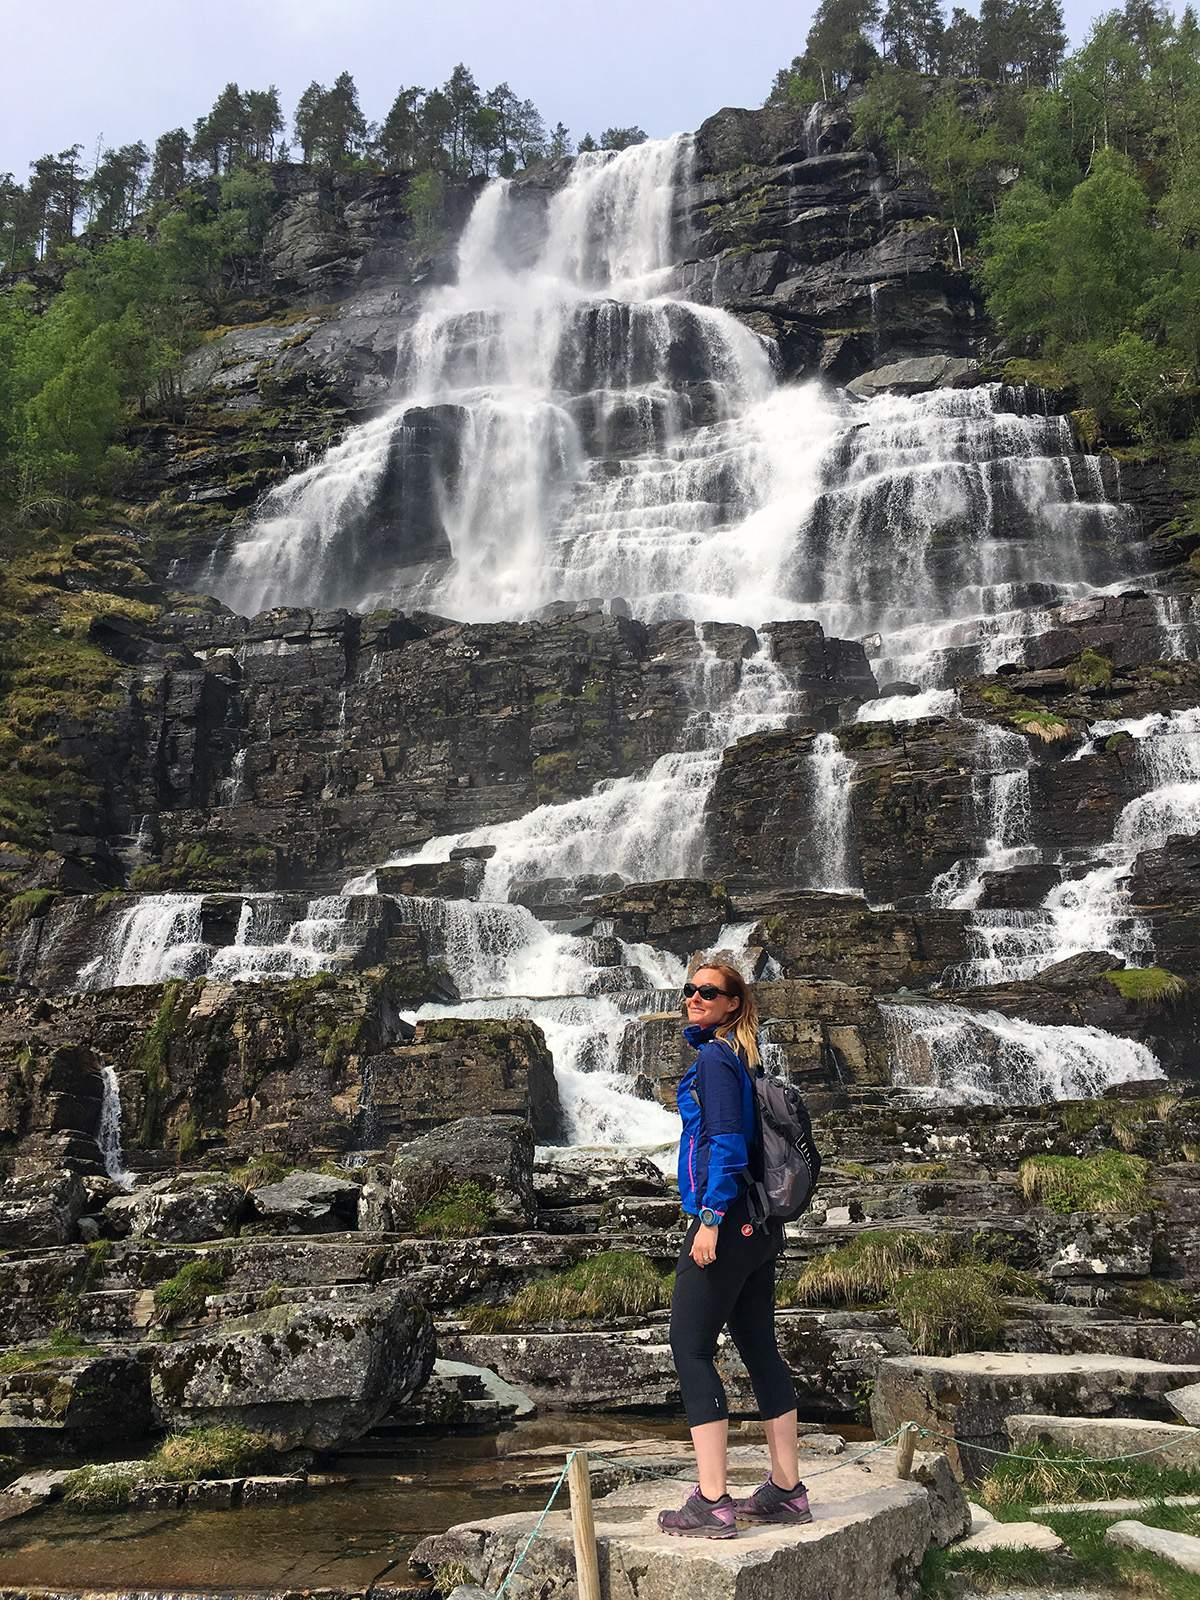 Tvindefossen, Norway